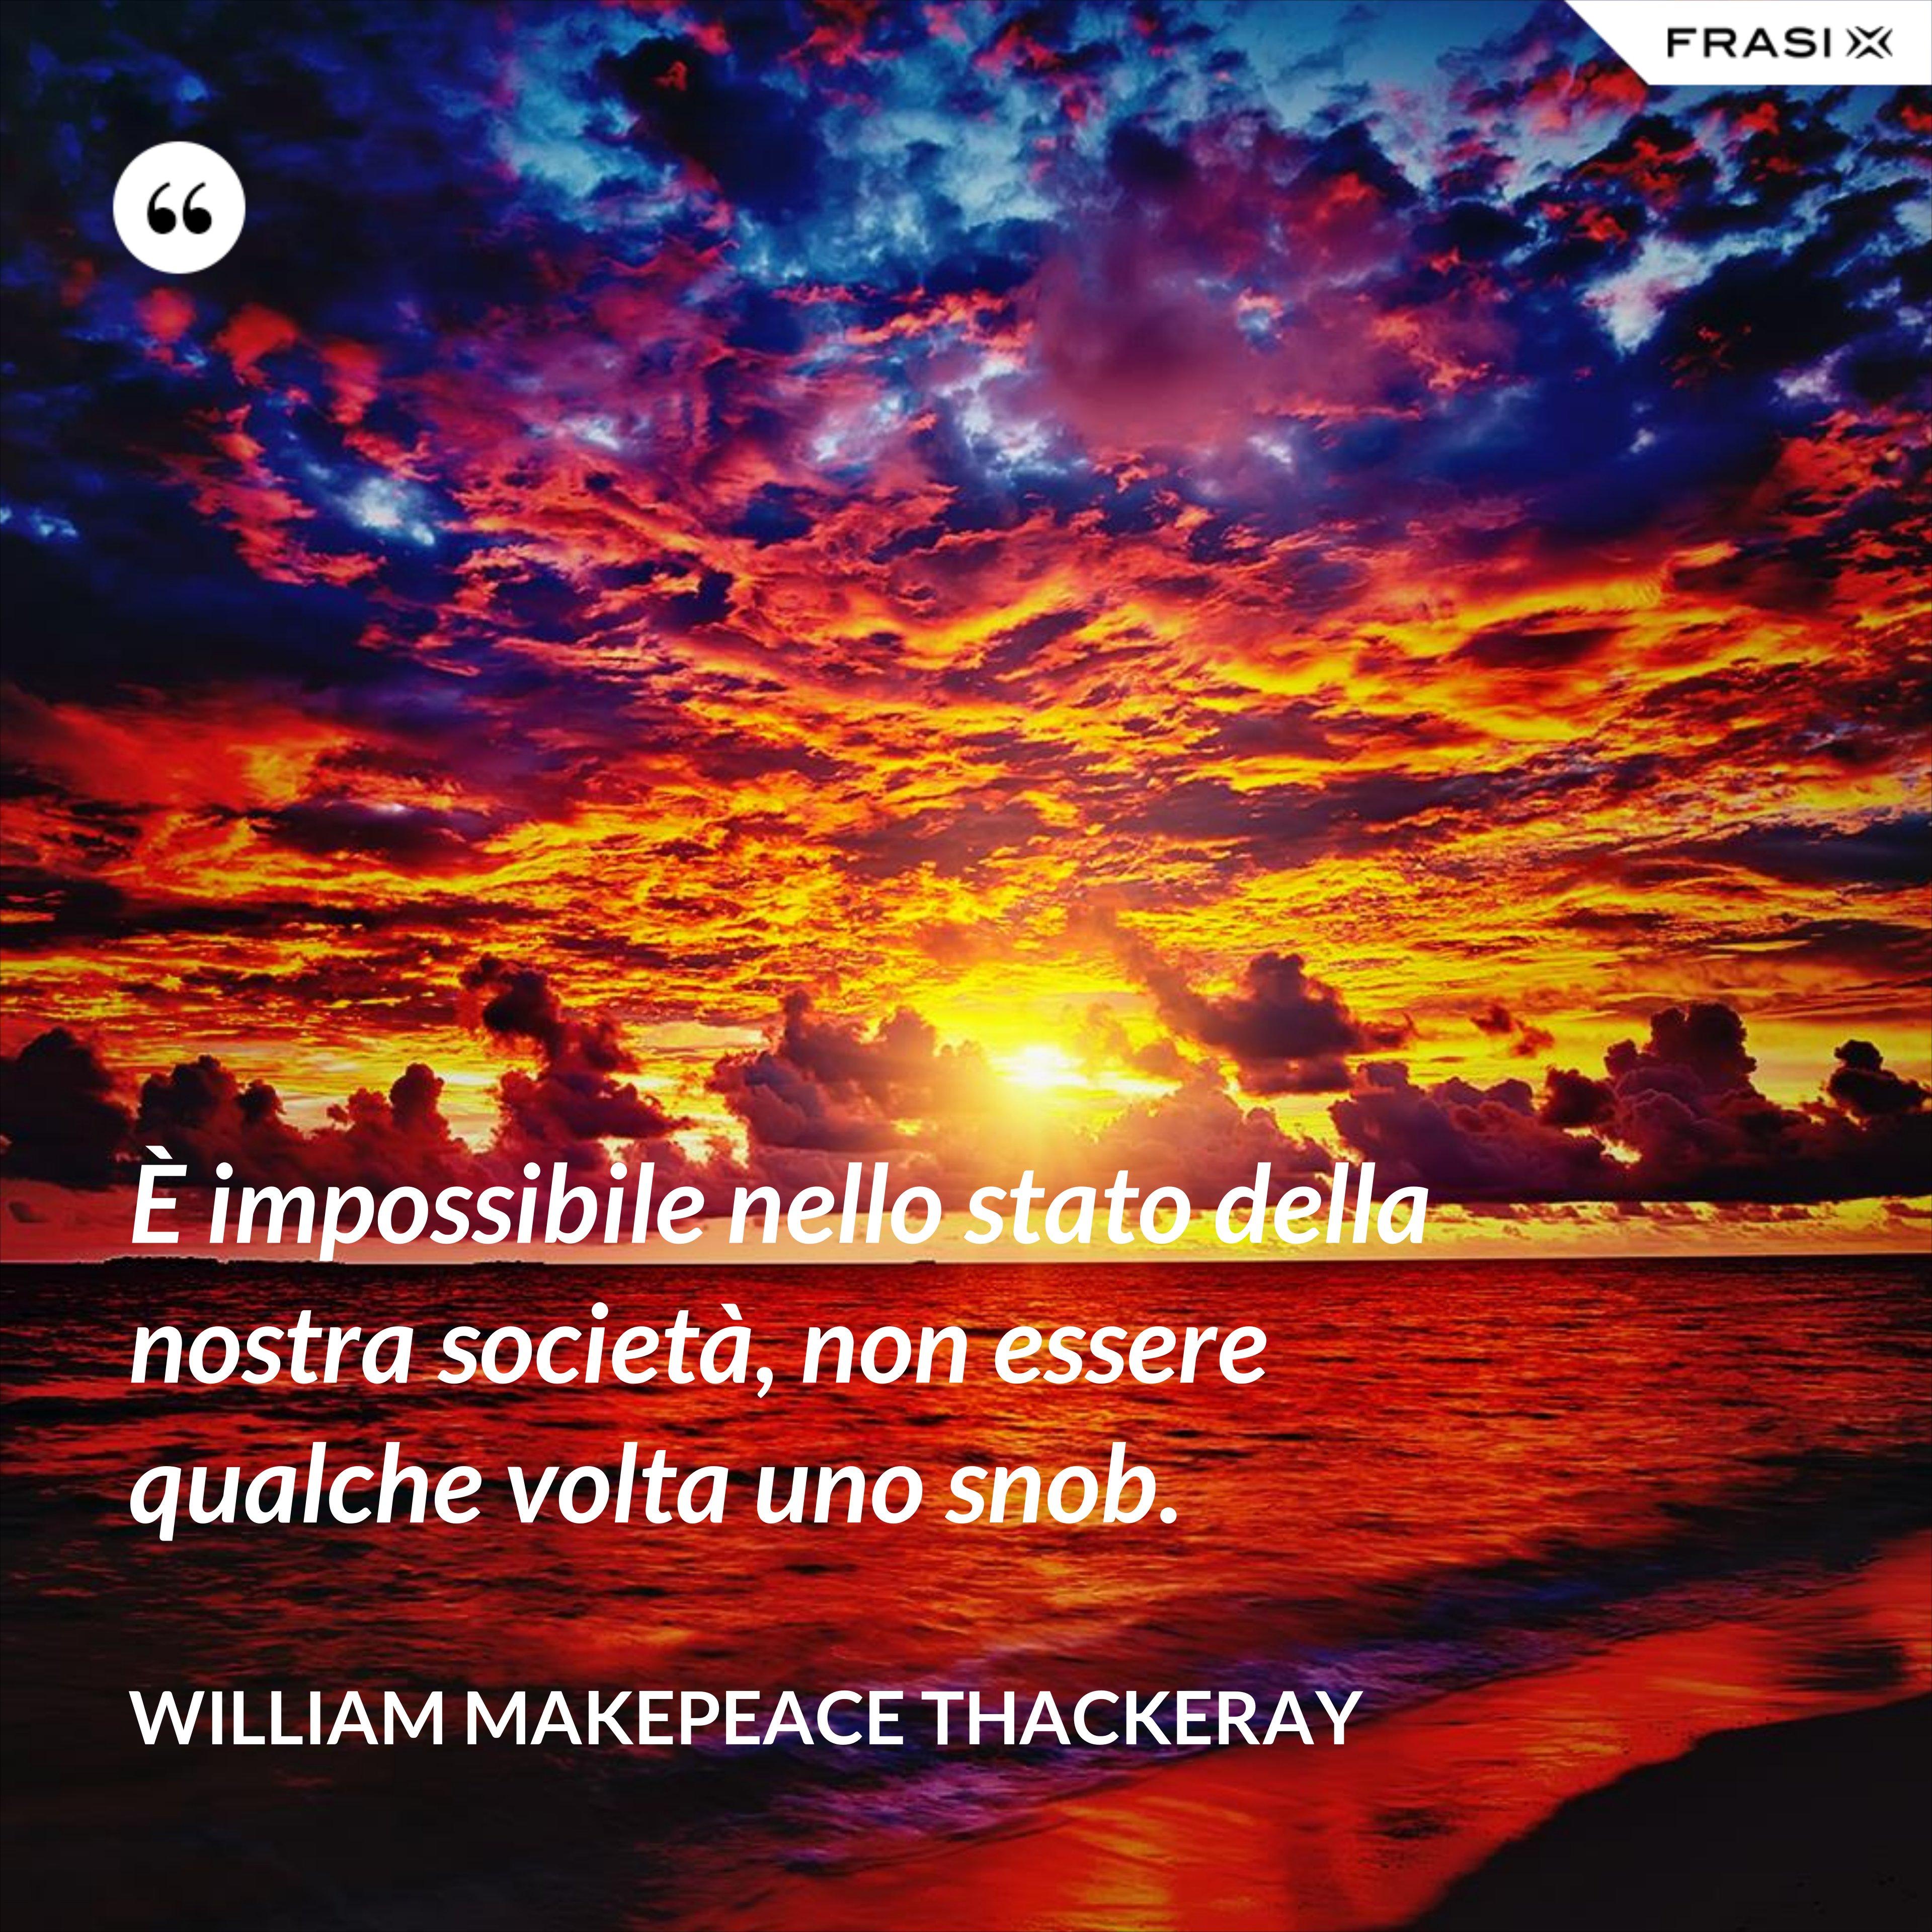 È impossibile nello stato della nostra società, non essere qualche volta uno snob. - William Makepeace Thackeray